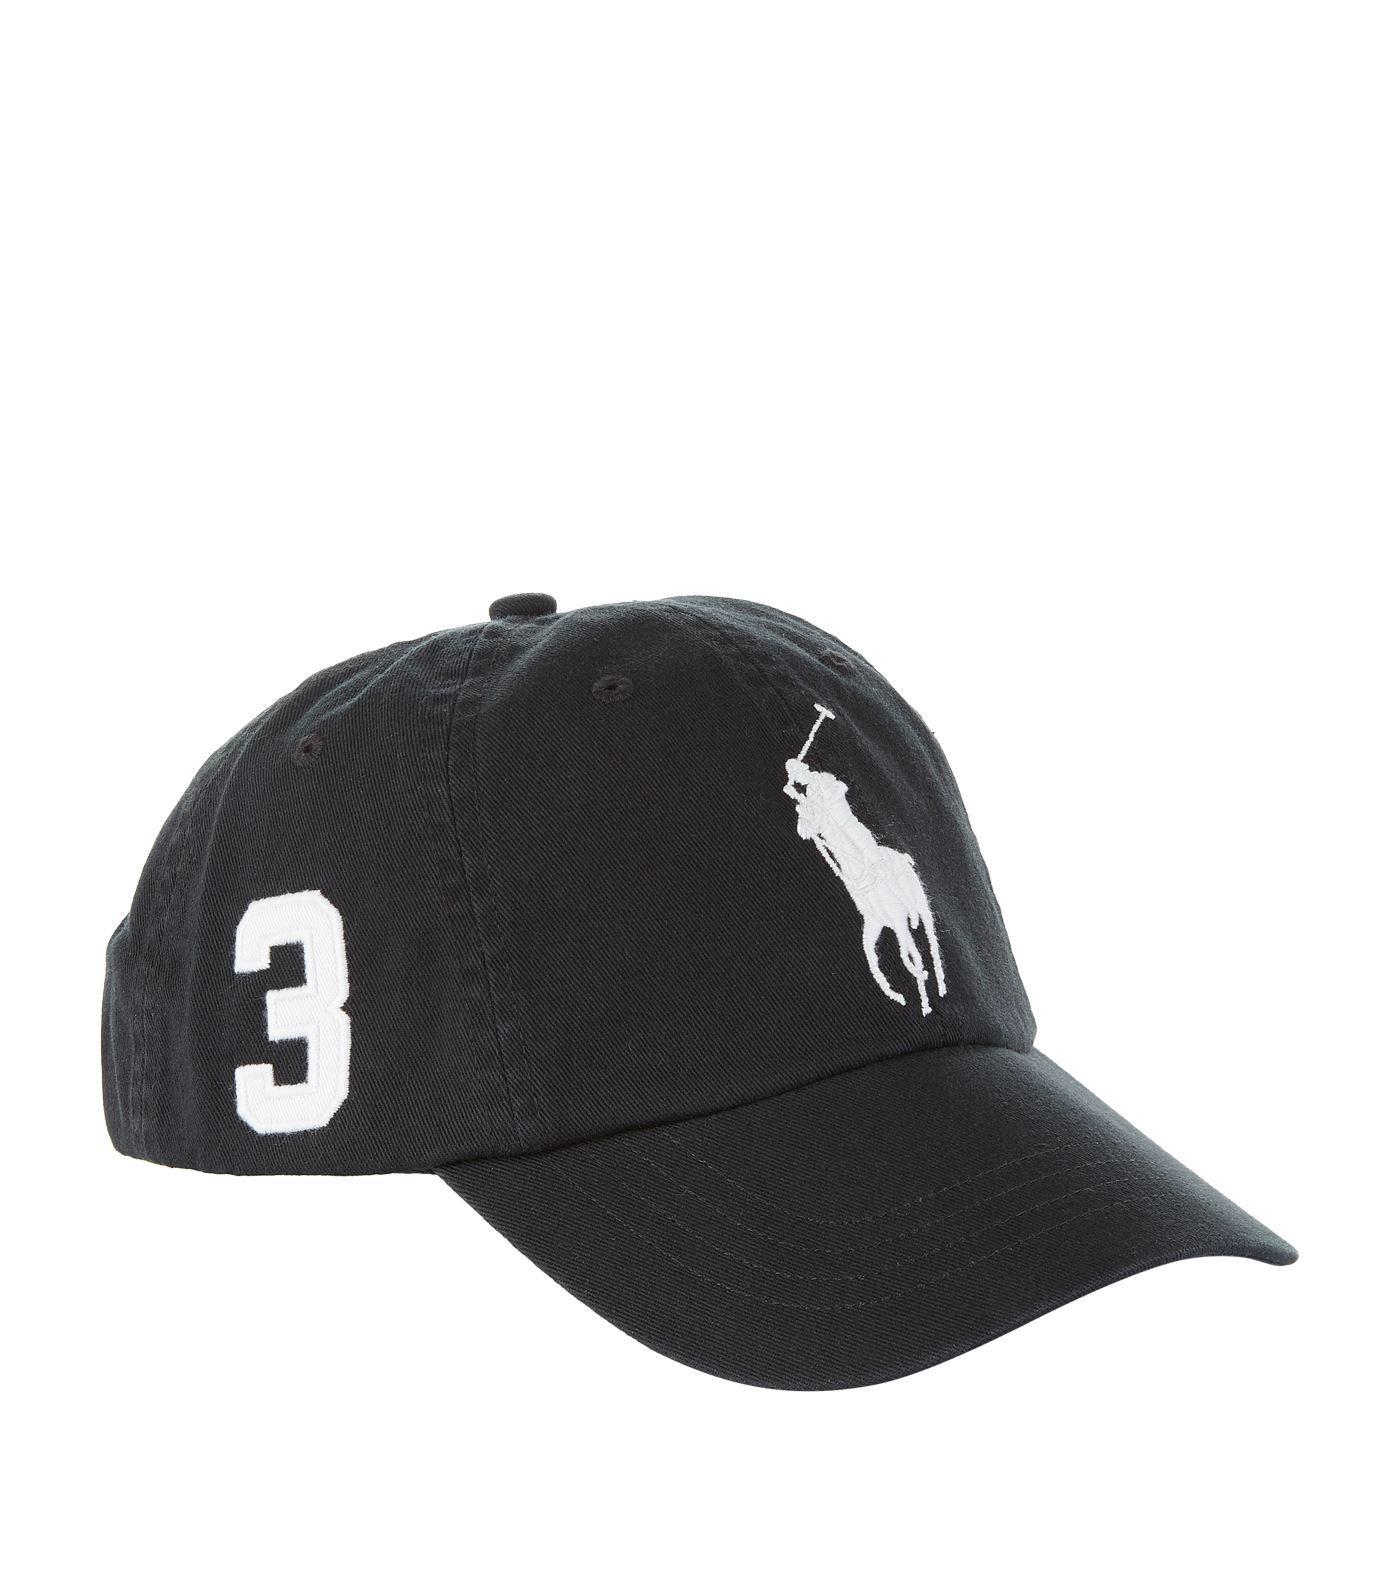 d80b6d550e6 Ralph Lauren Rl Sport Cap Med Pp Rl Black in Black for Men - Lyst